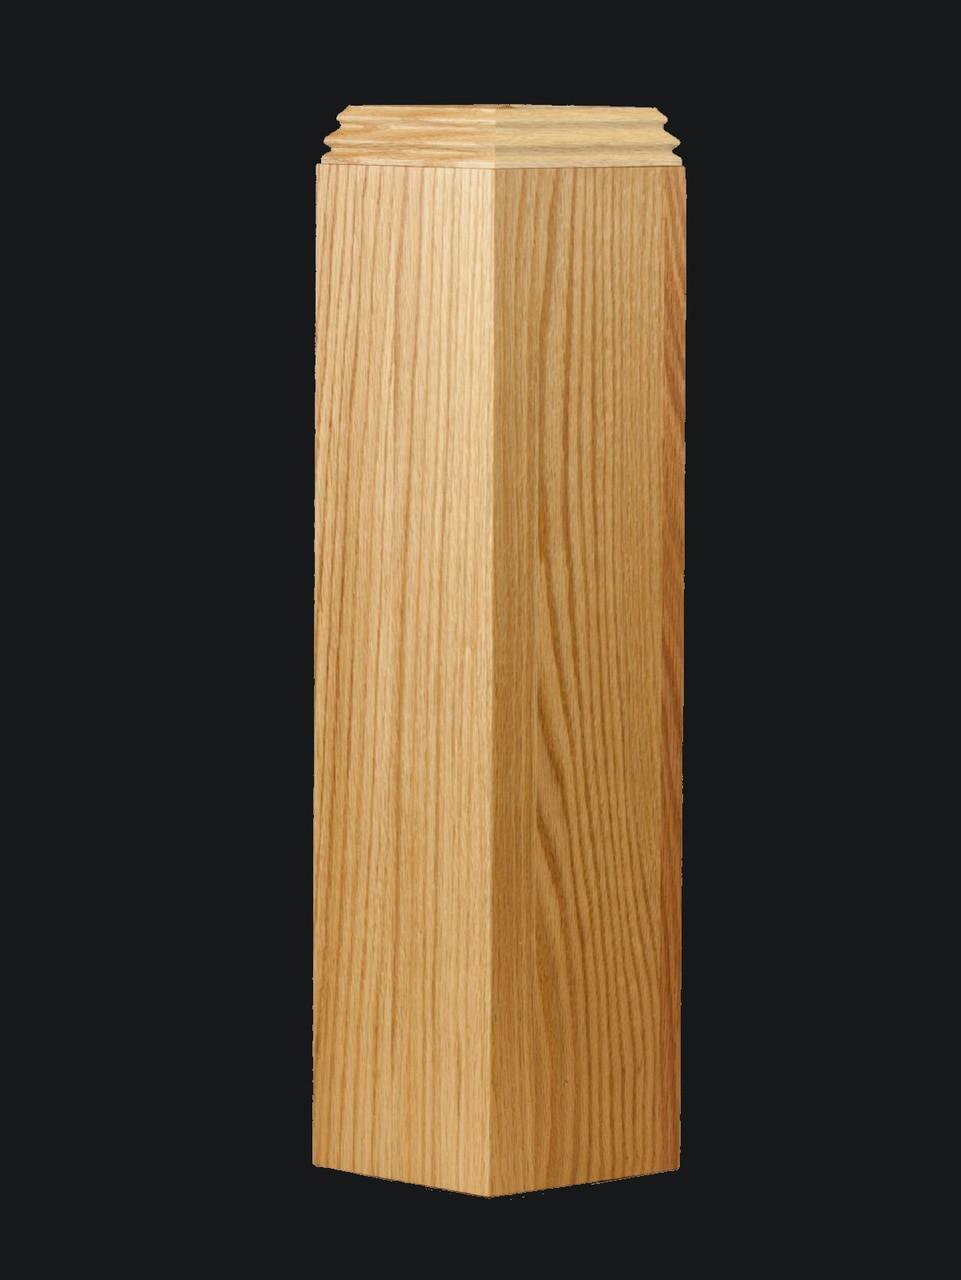 C-4578-S Optional INB Sleeve / Pedestal